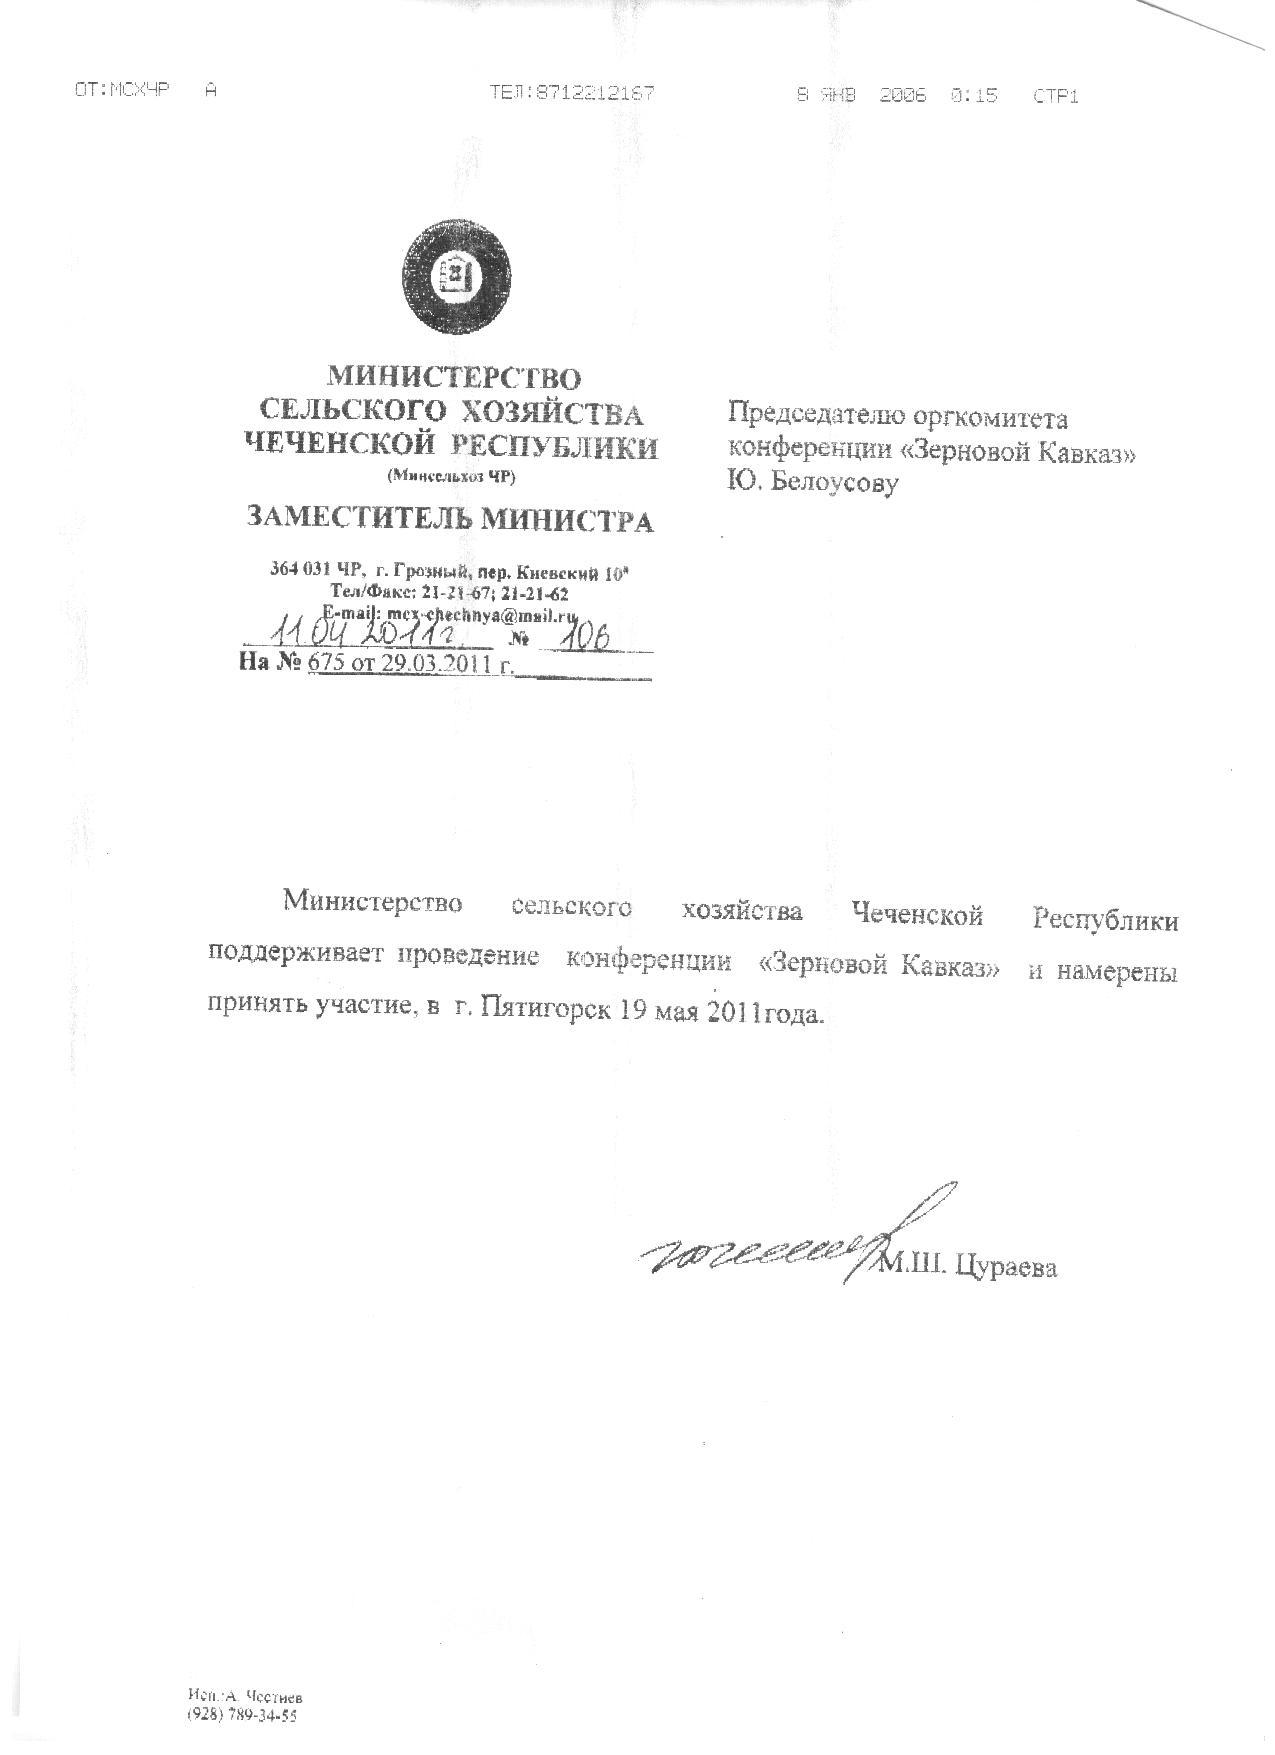 Министерство сельского хозяйства Чеченской республики